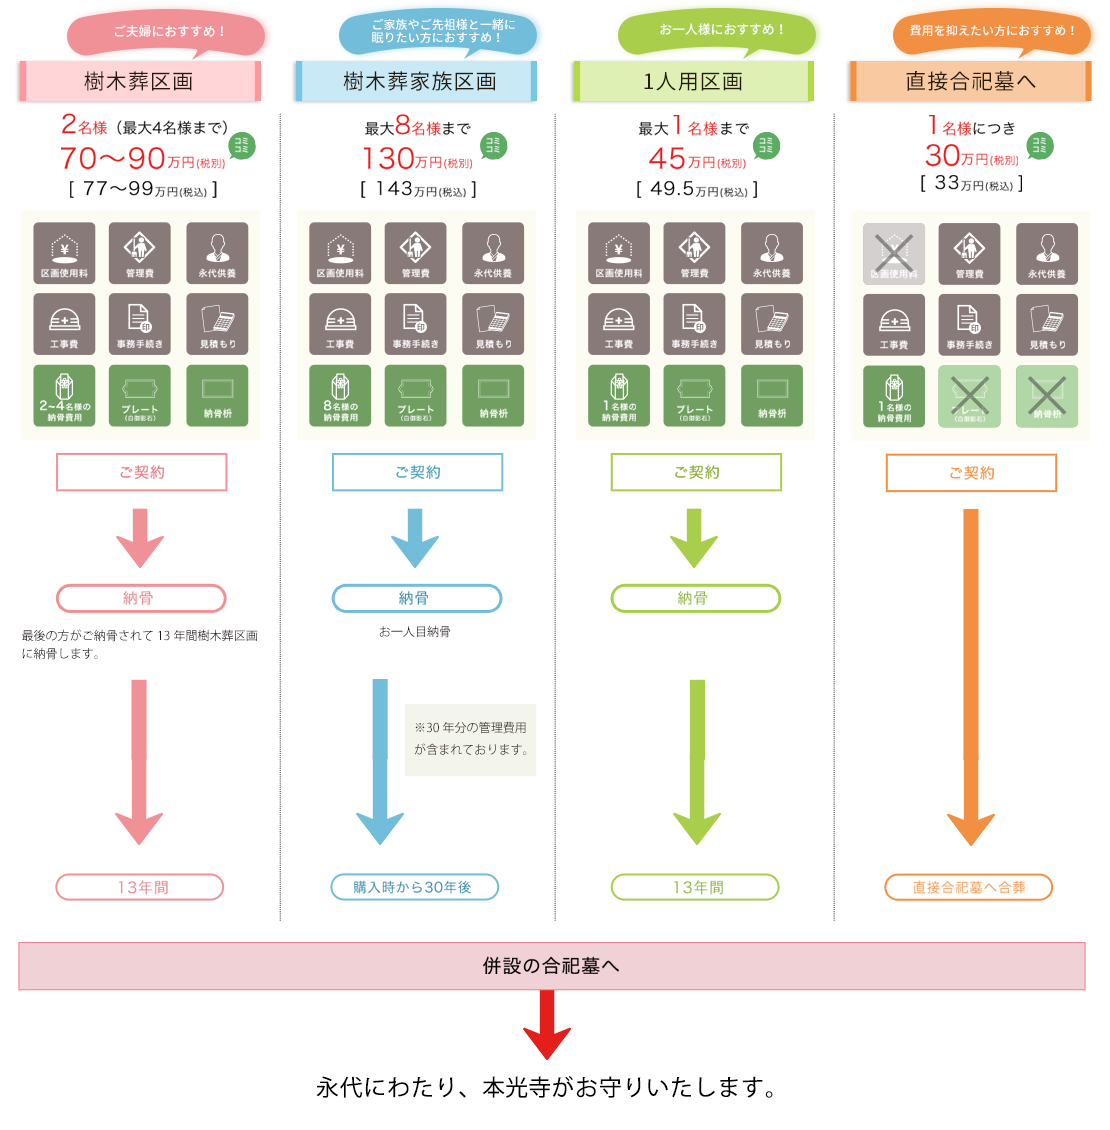 本光寺樹木葬霊園の料金システム